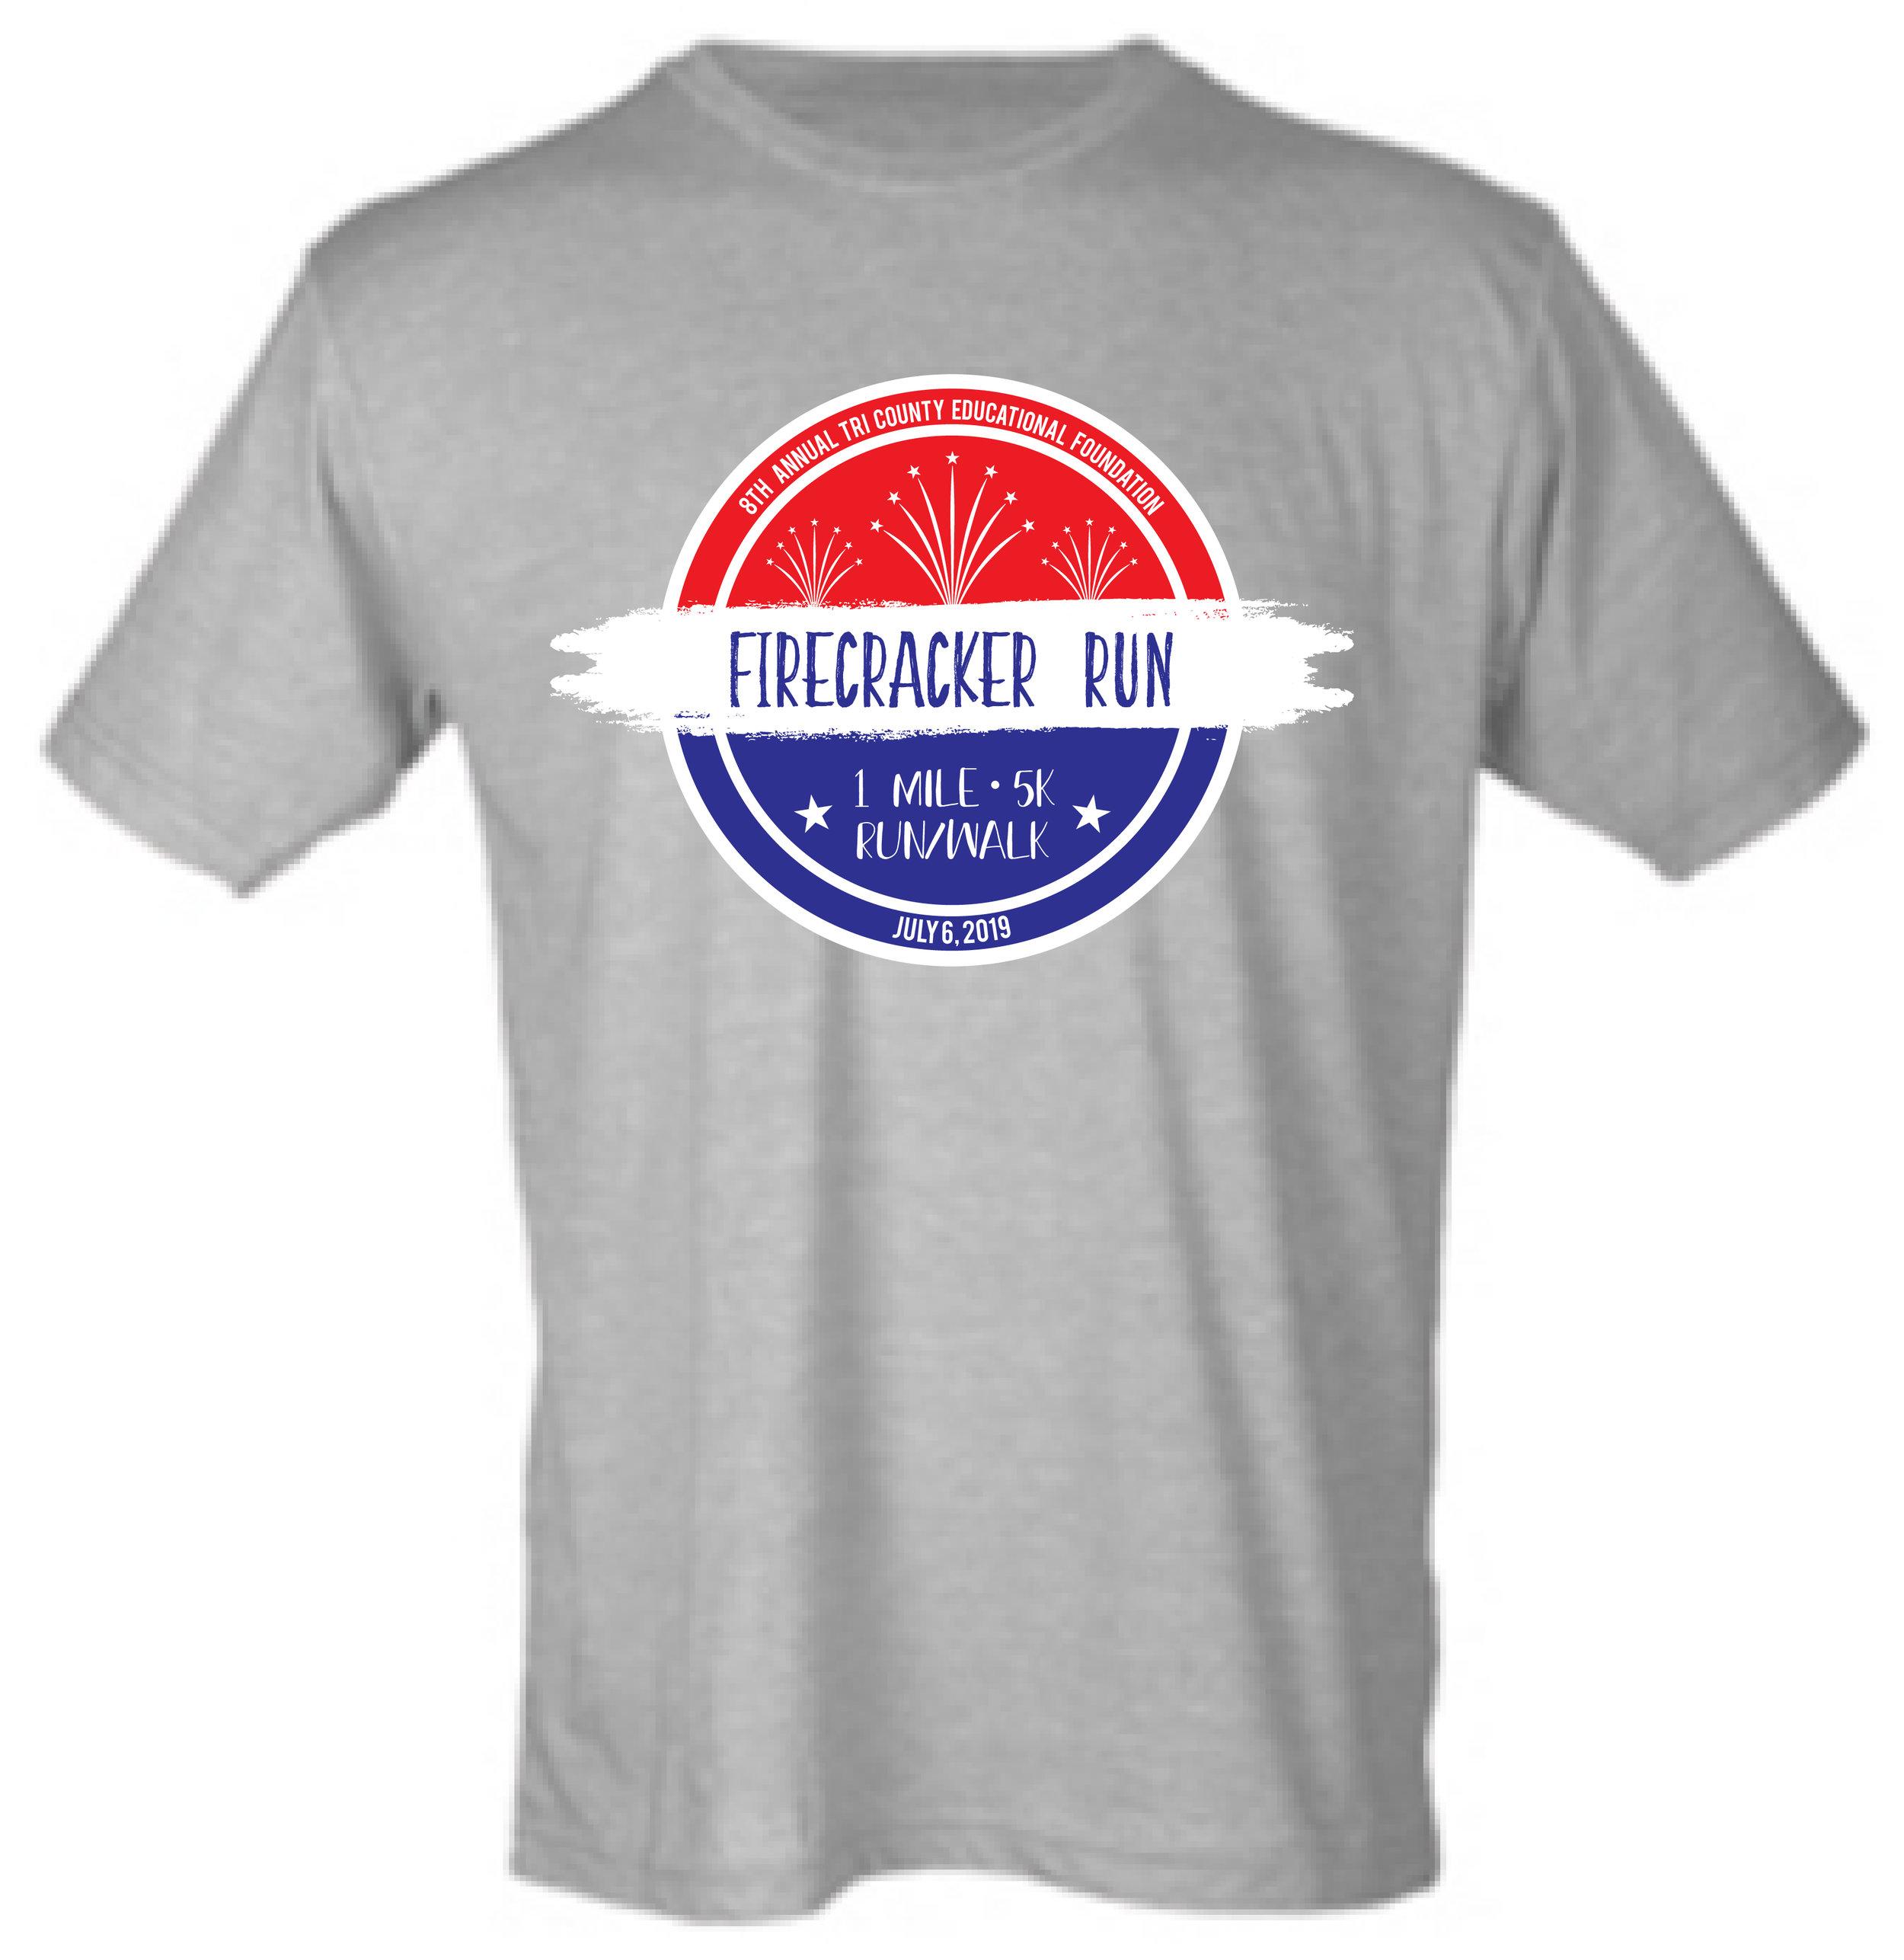 2019 Firecracker Run T-shirt